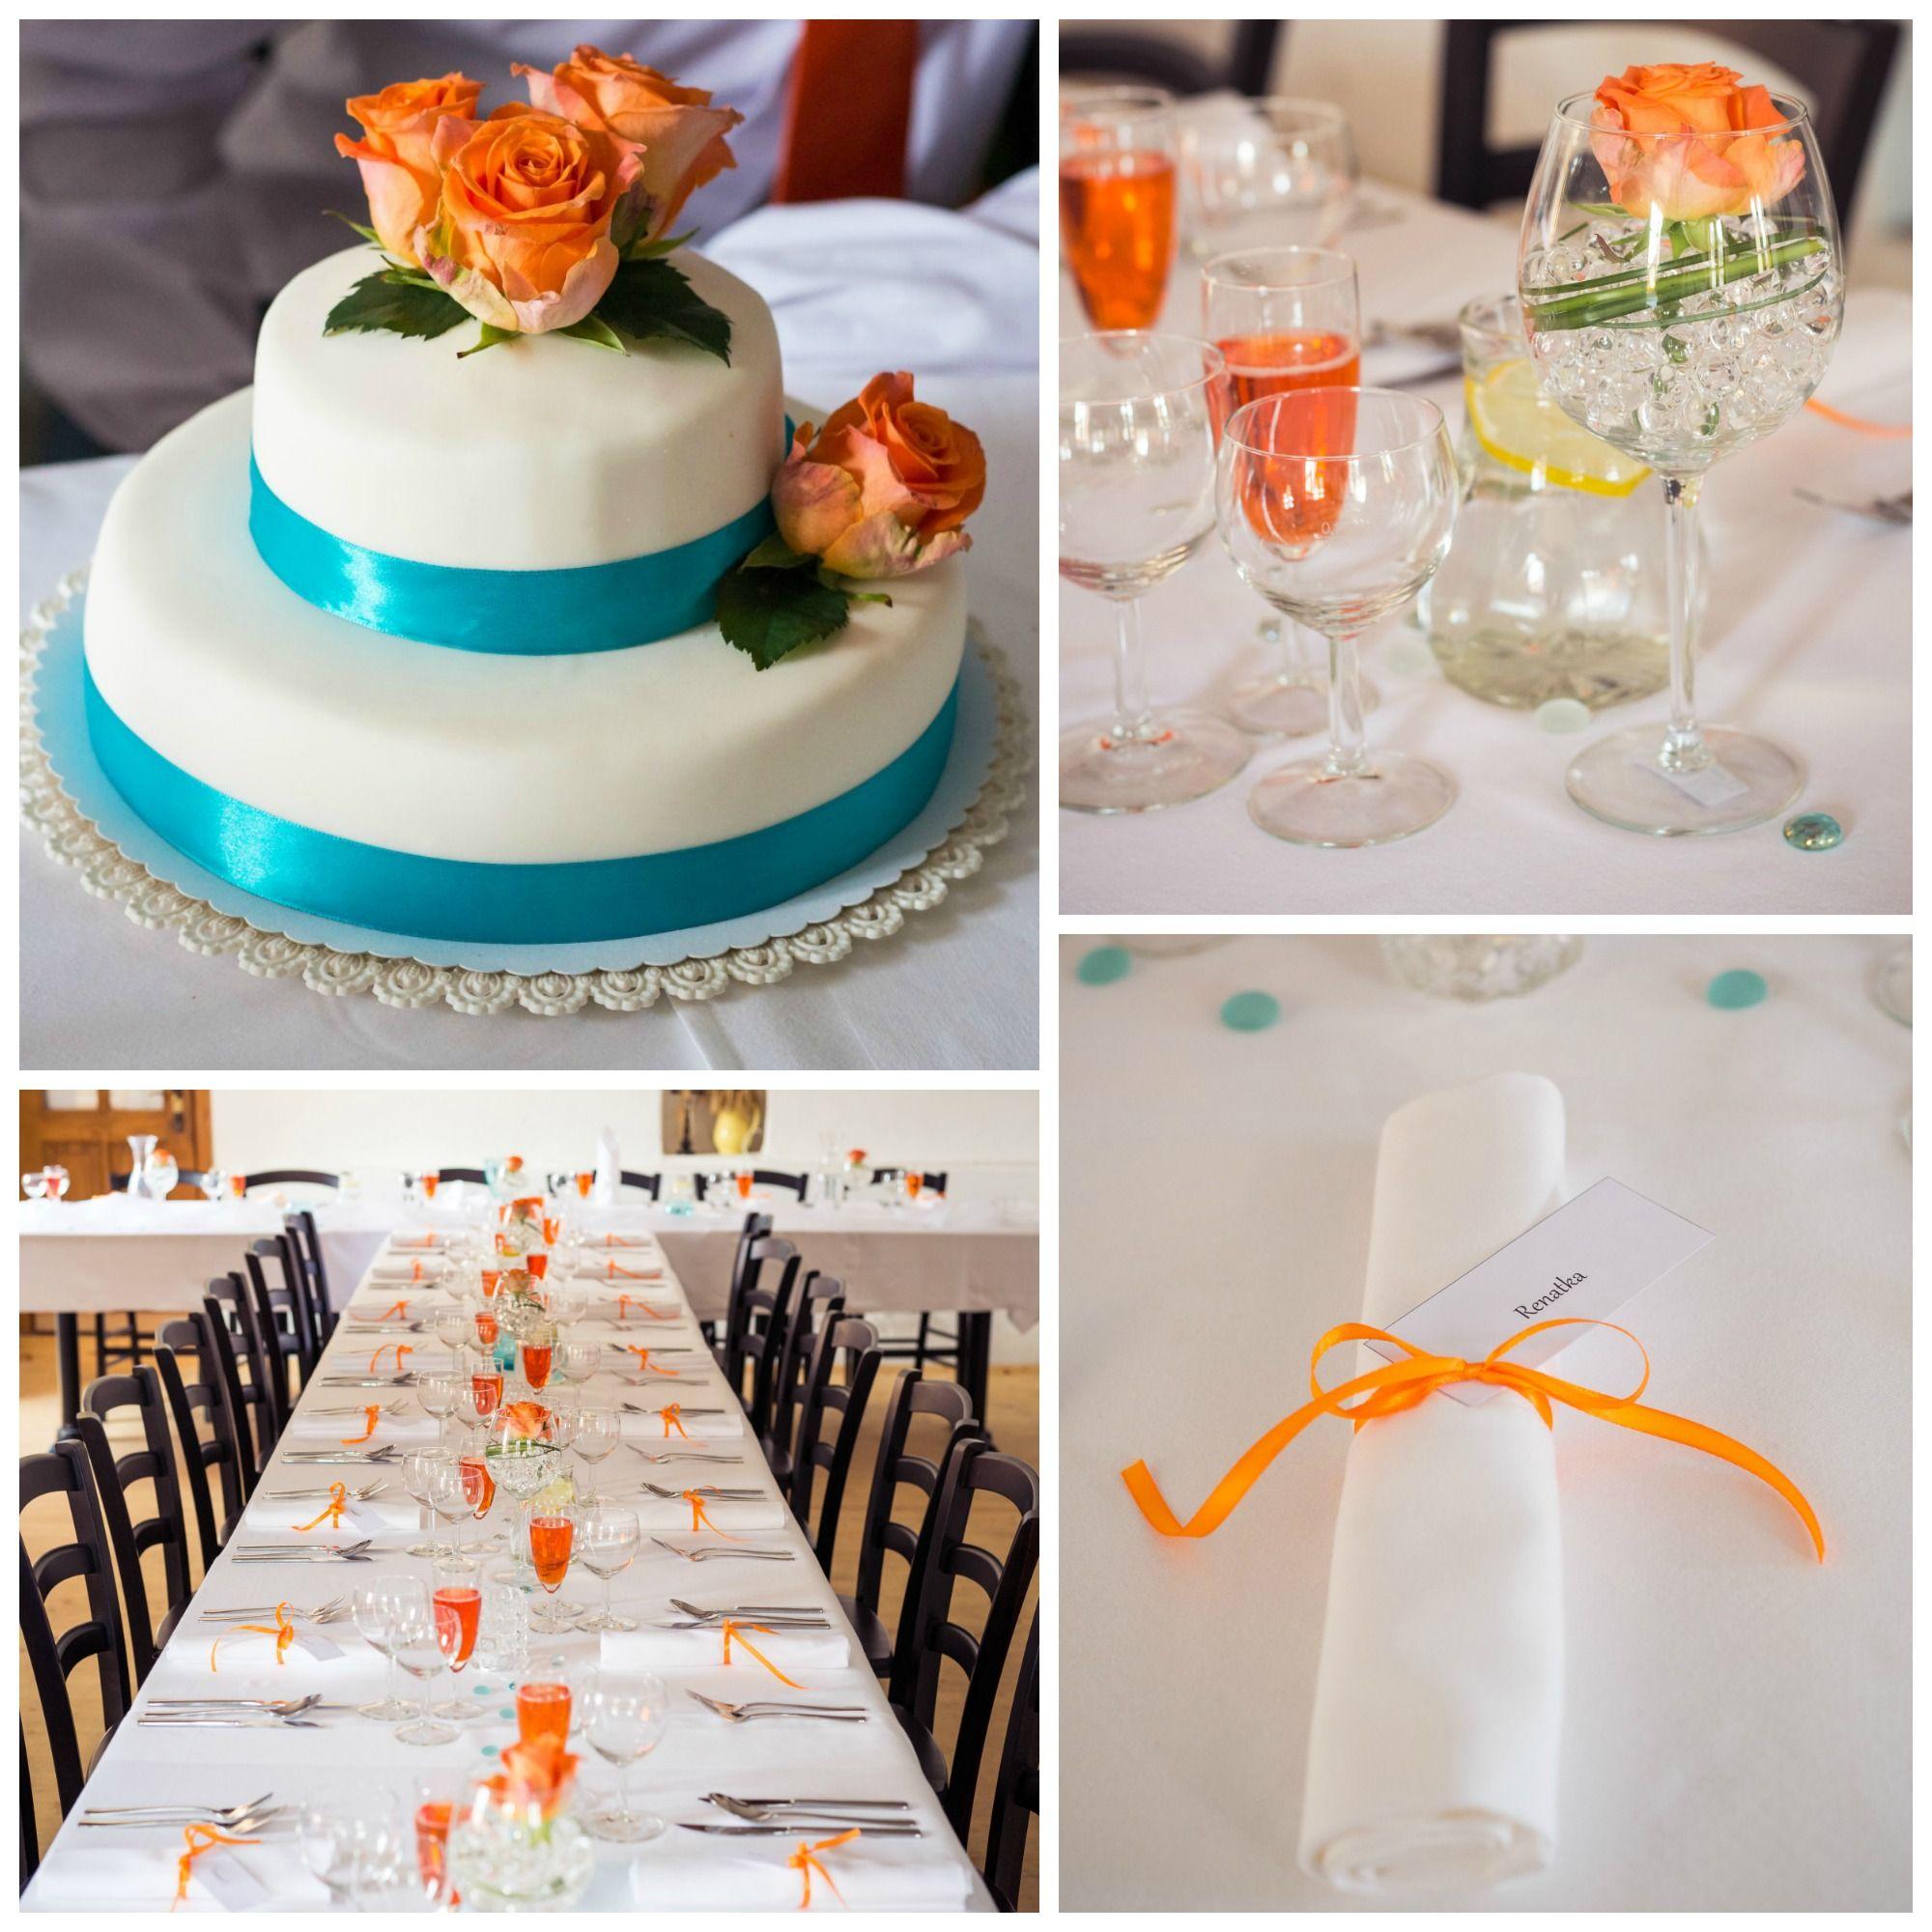 Orange And Turquoise Wedding Decorations, Wedding Cake